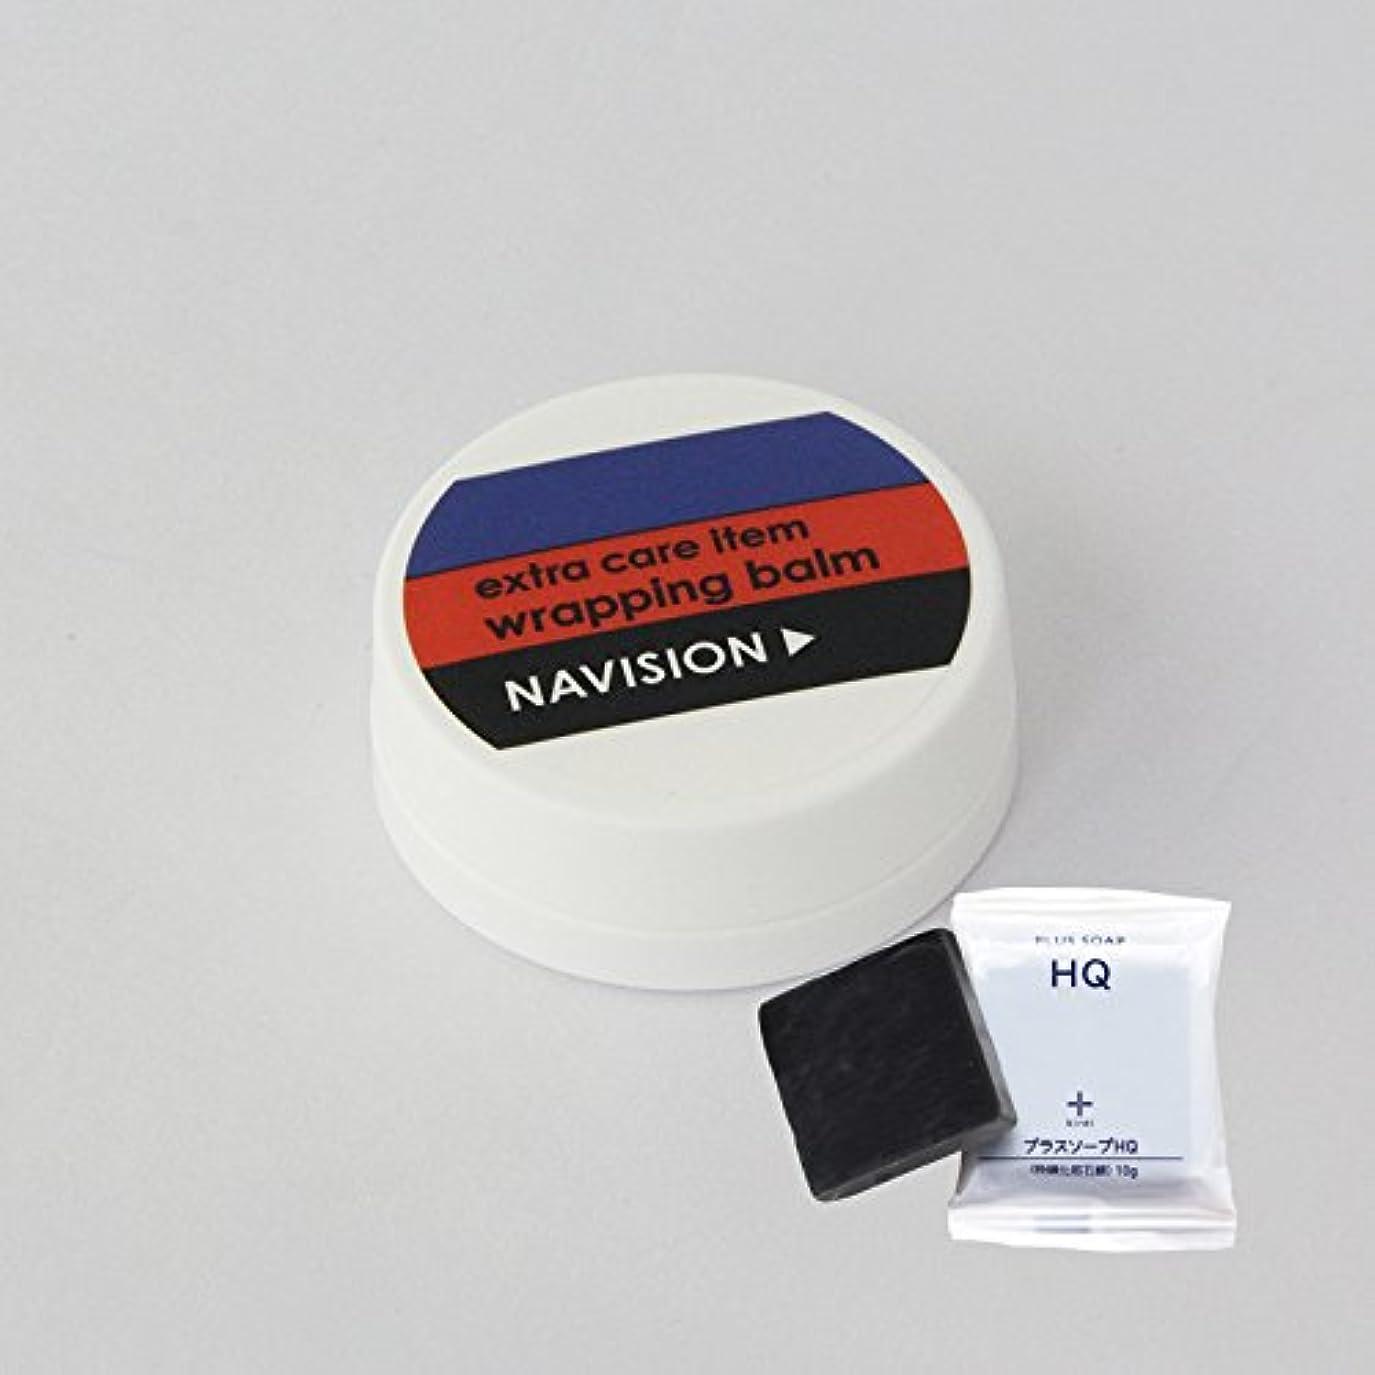 経験者関係明るいナビジョン NAVISION ラッピングバーム 5g + プラスキレイ プラスソープHQミニ